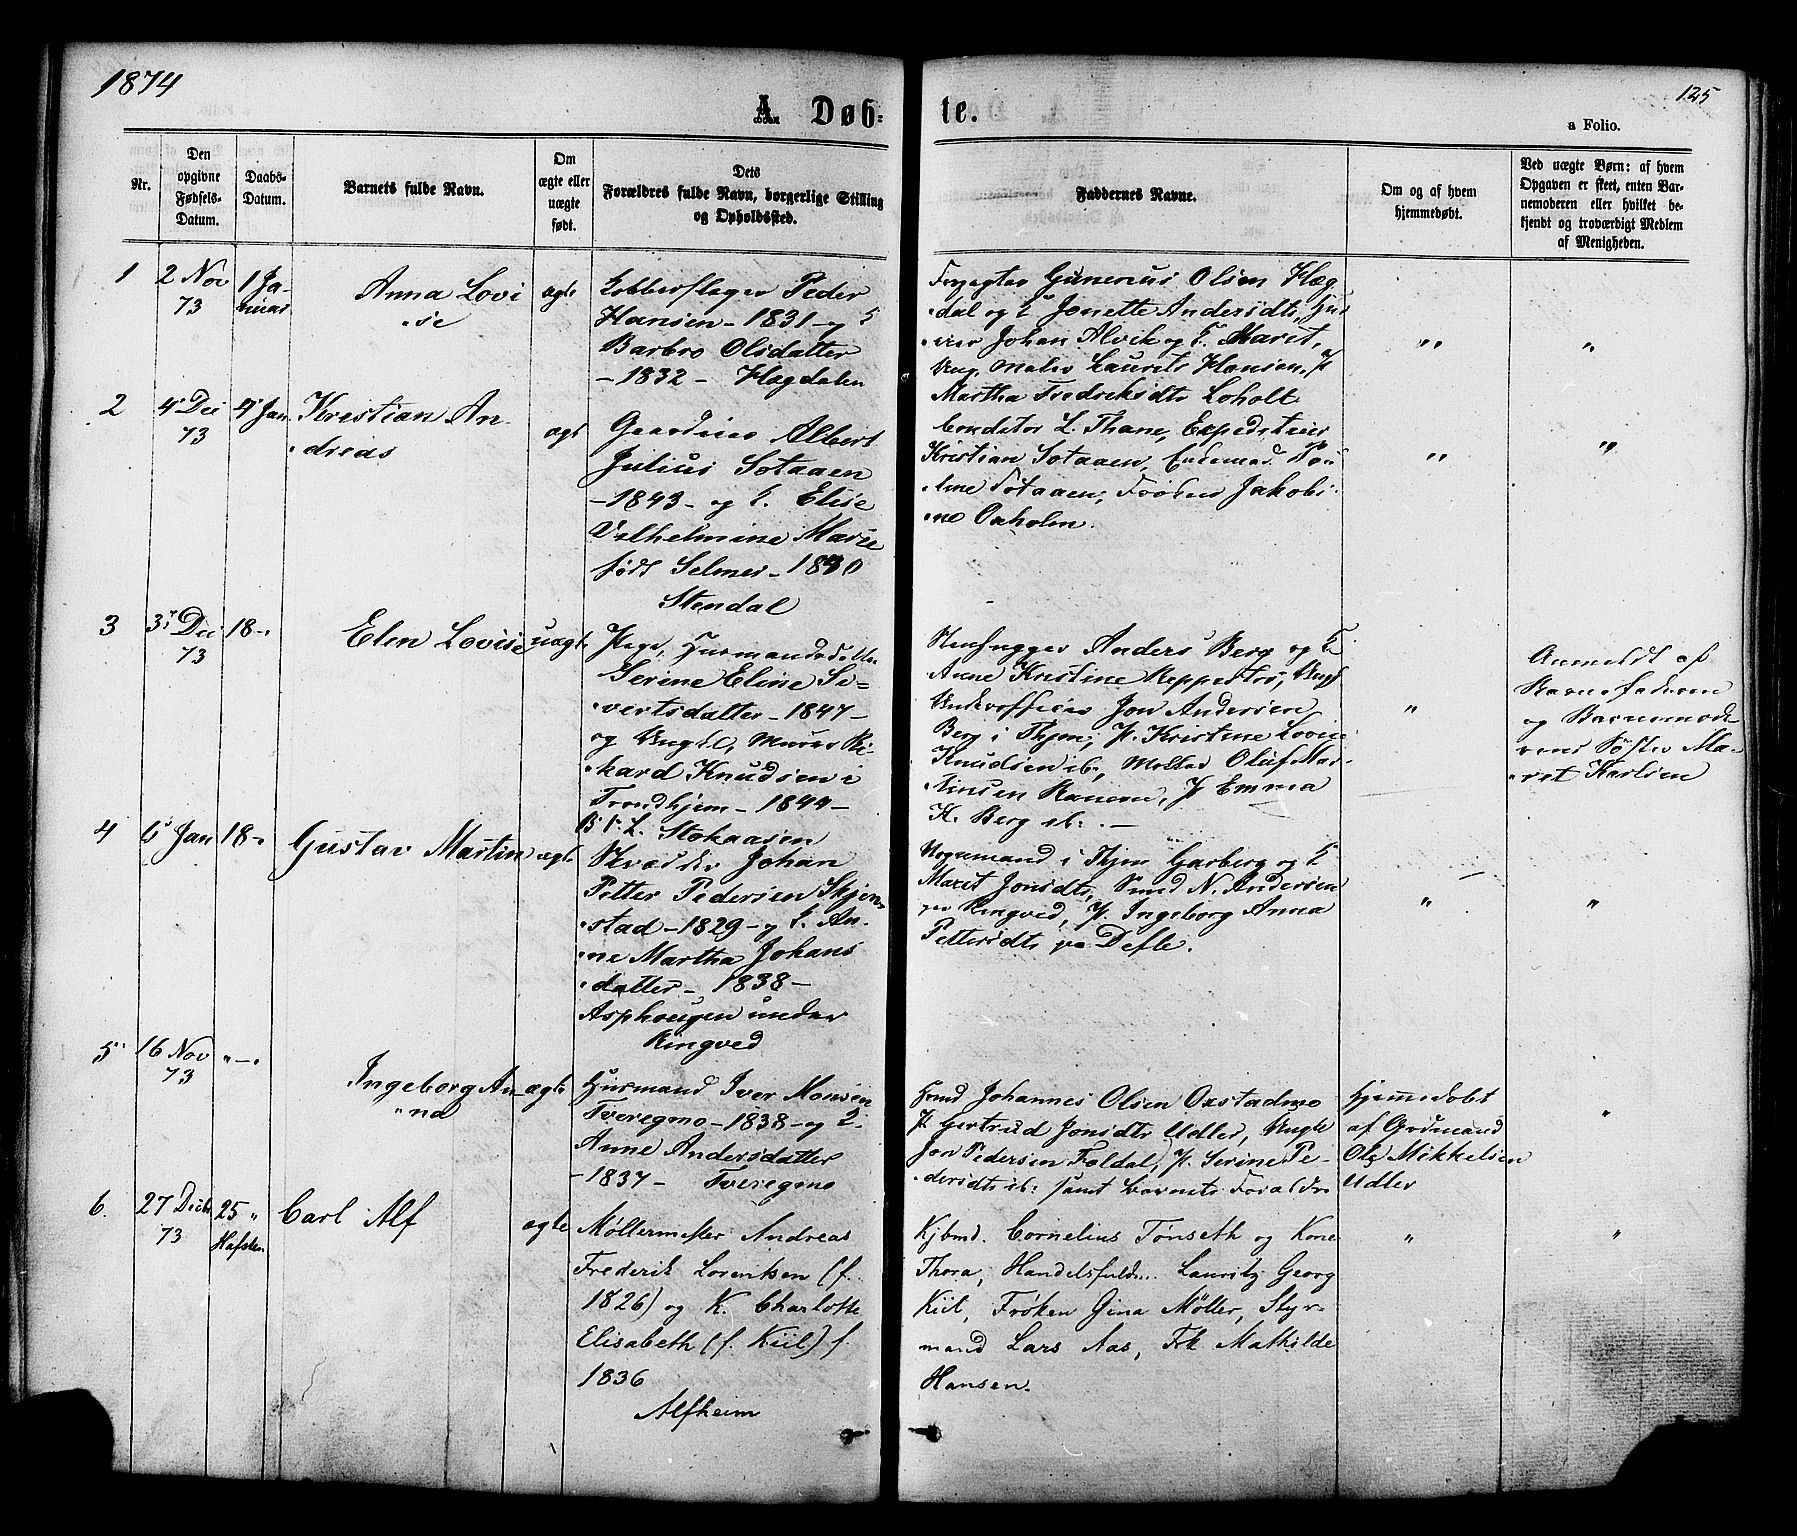 SAT, Ministerialprotokoller, klokkerbøker og fødselsregistre - Sør-Trøndelag, 606/L0293: Ministerialbok nr. 606A08, 1866-1877, s. 125